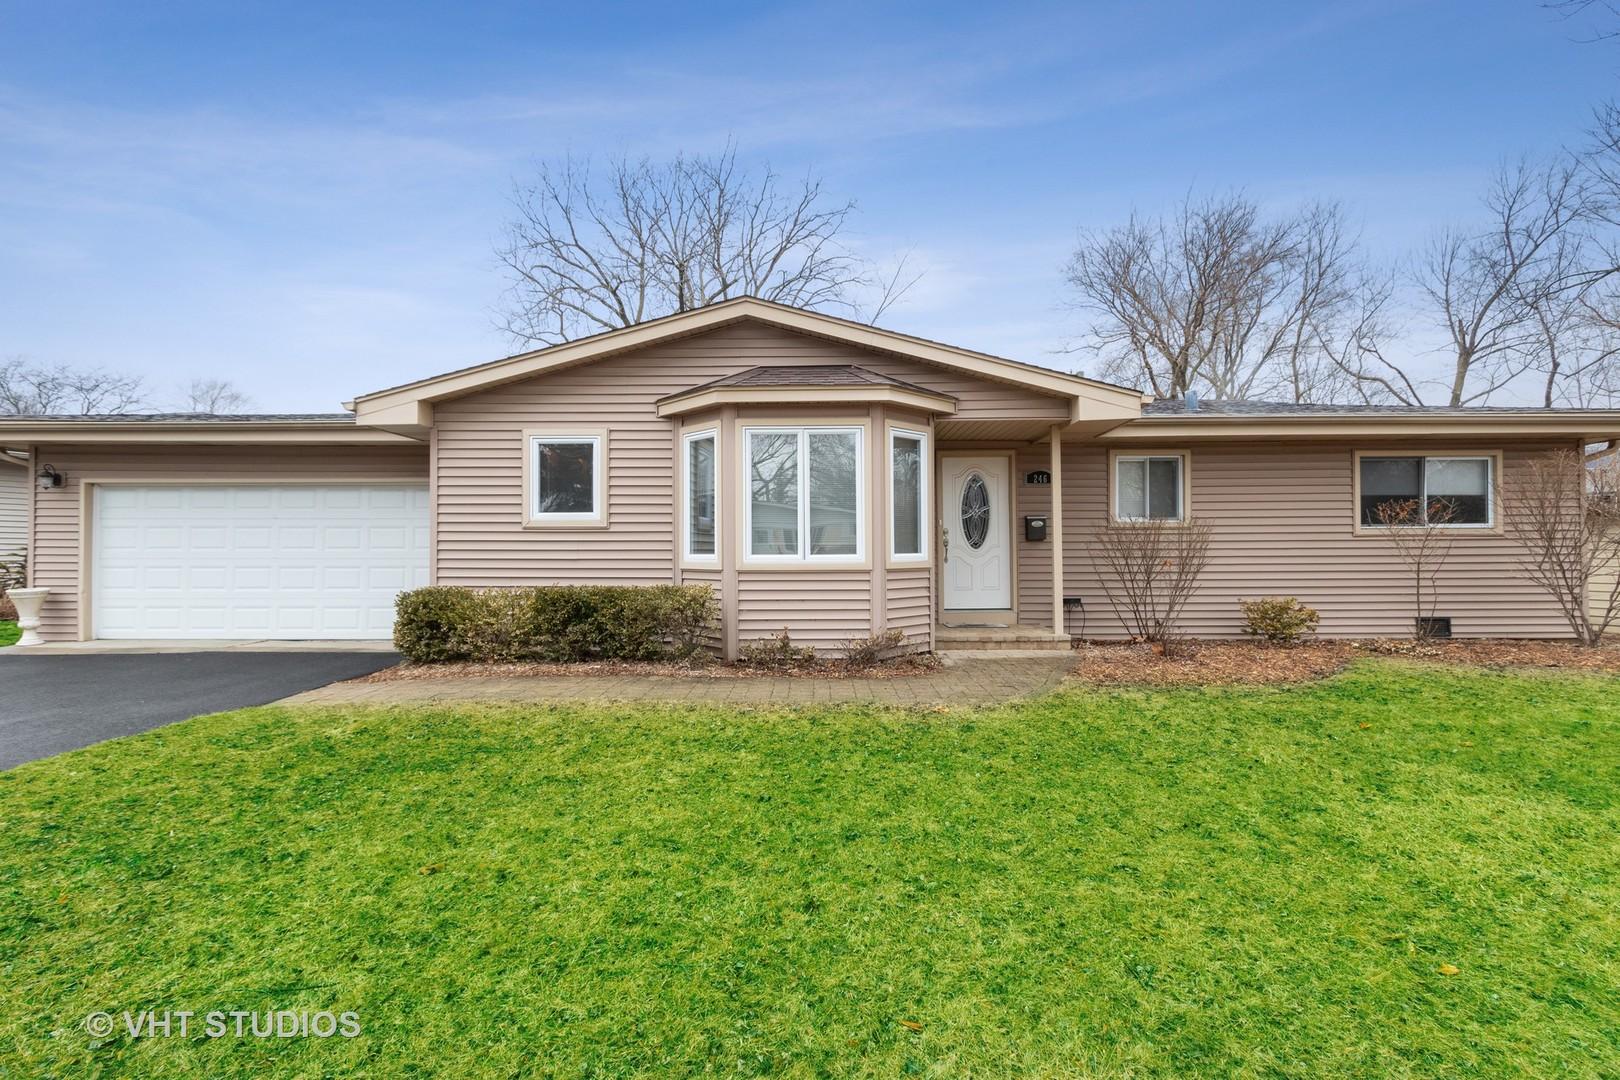 246 Elmwood ,Palatine, Illinois 60074